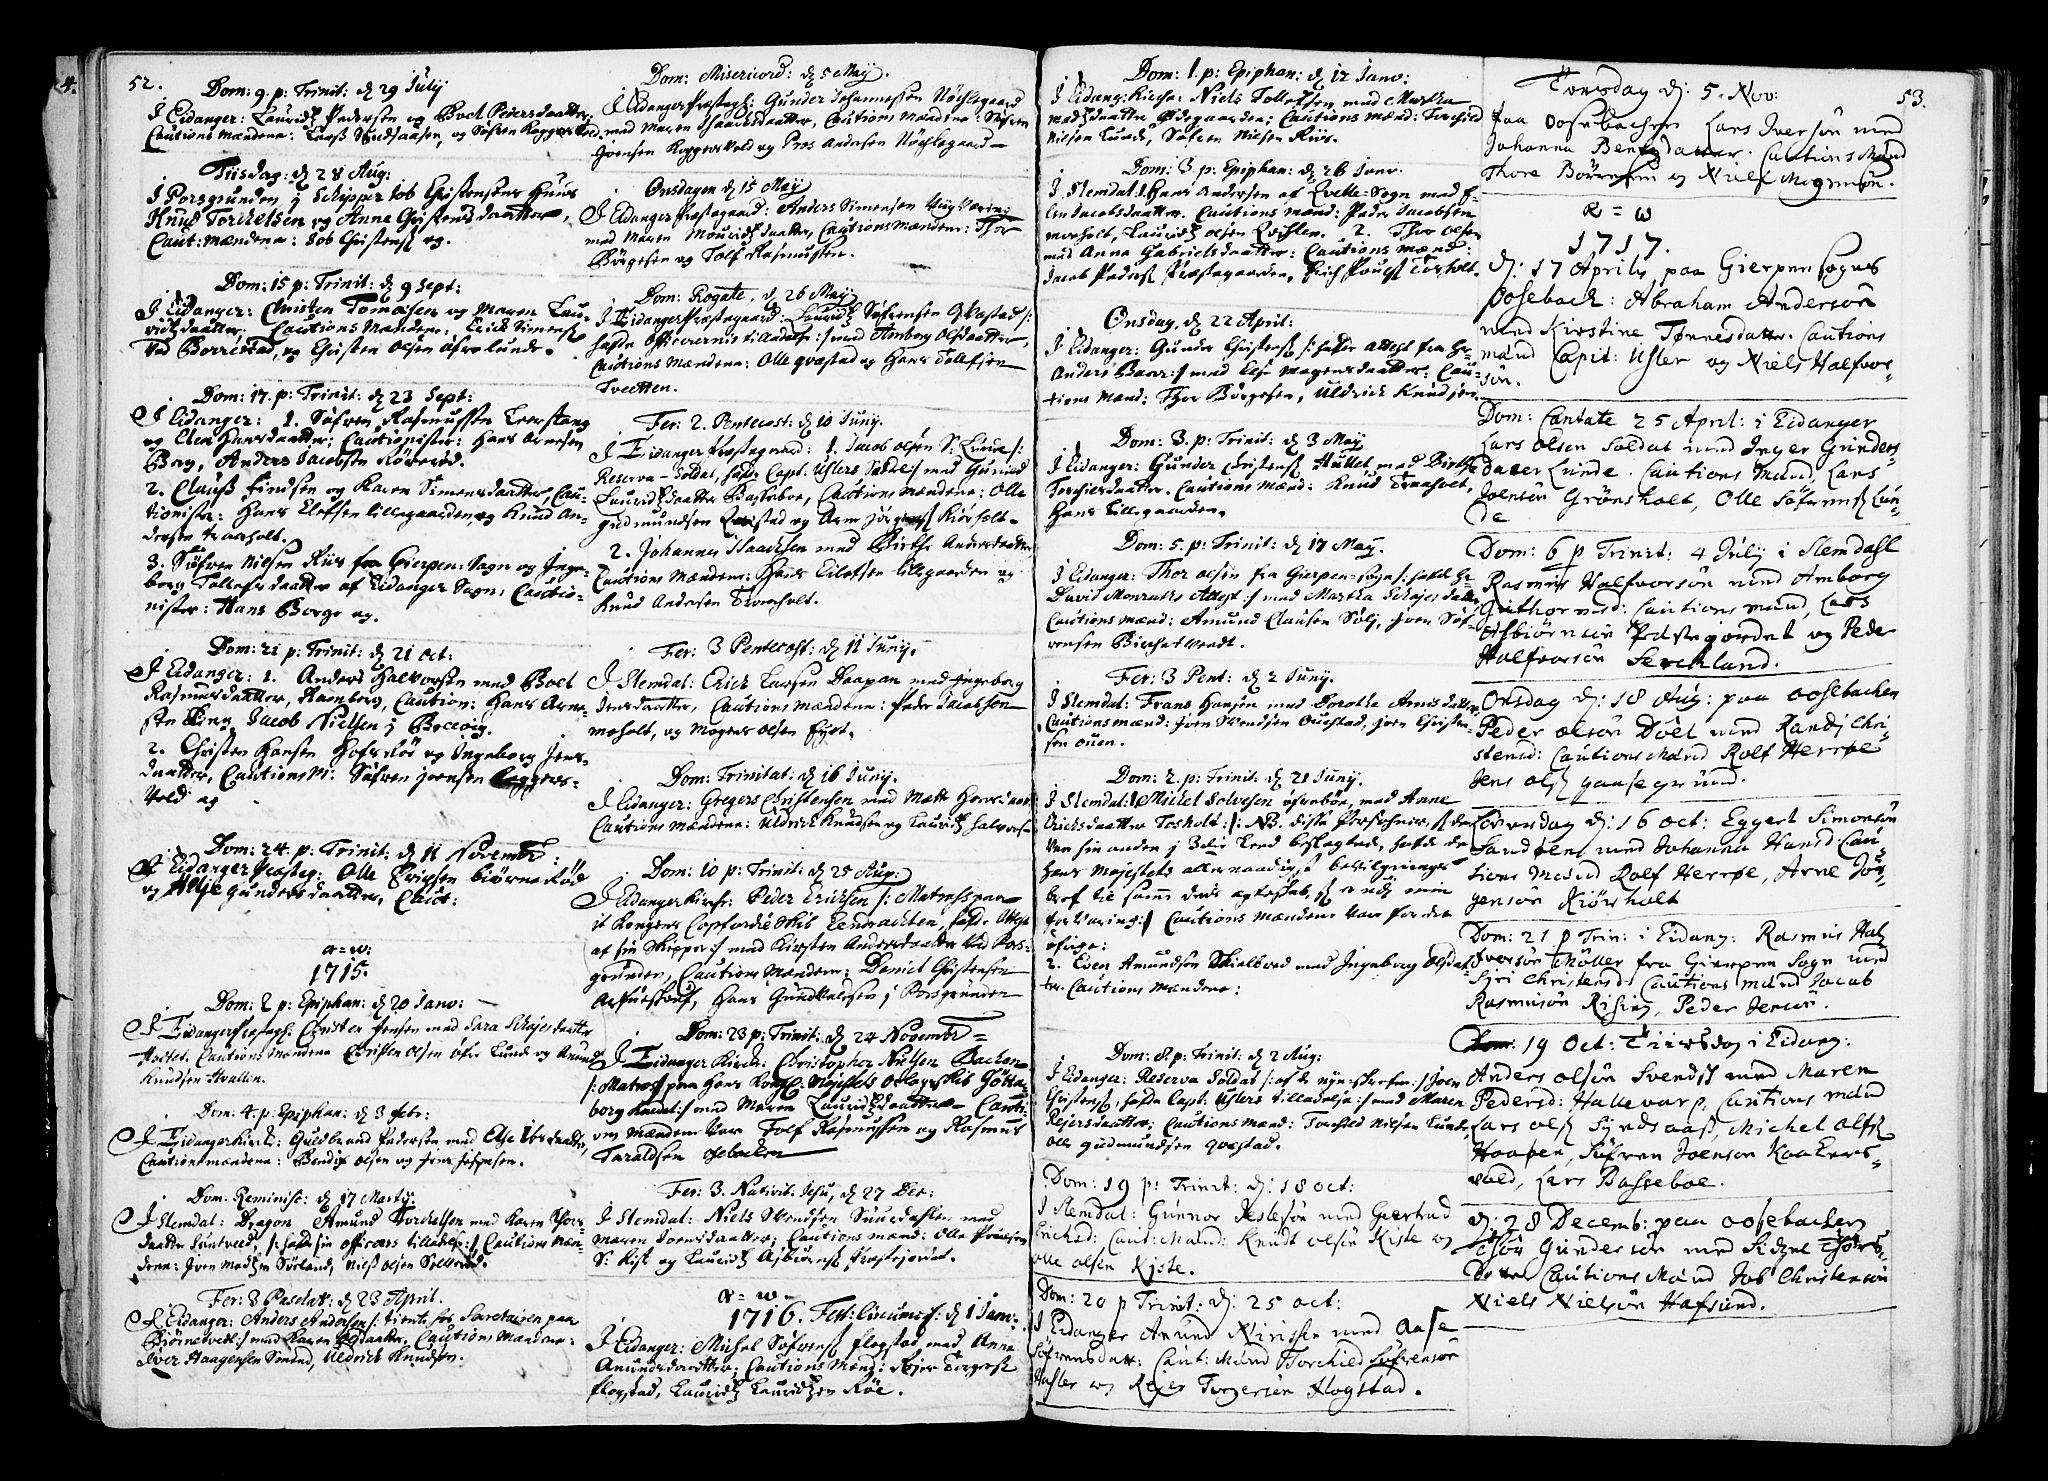 SAKO, Eidanger kirkebøker, F/Fa/L0002: Ministerialbok nr. 2, 1712-1720, s. 52-53